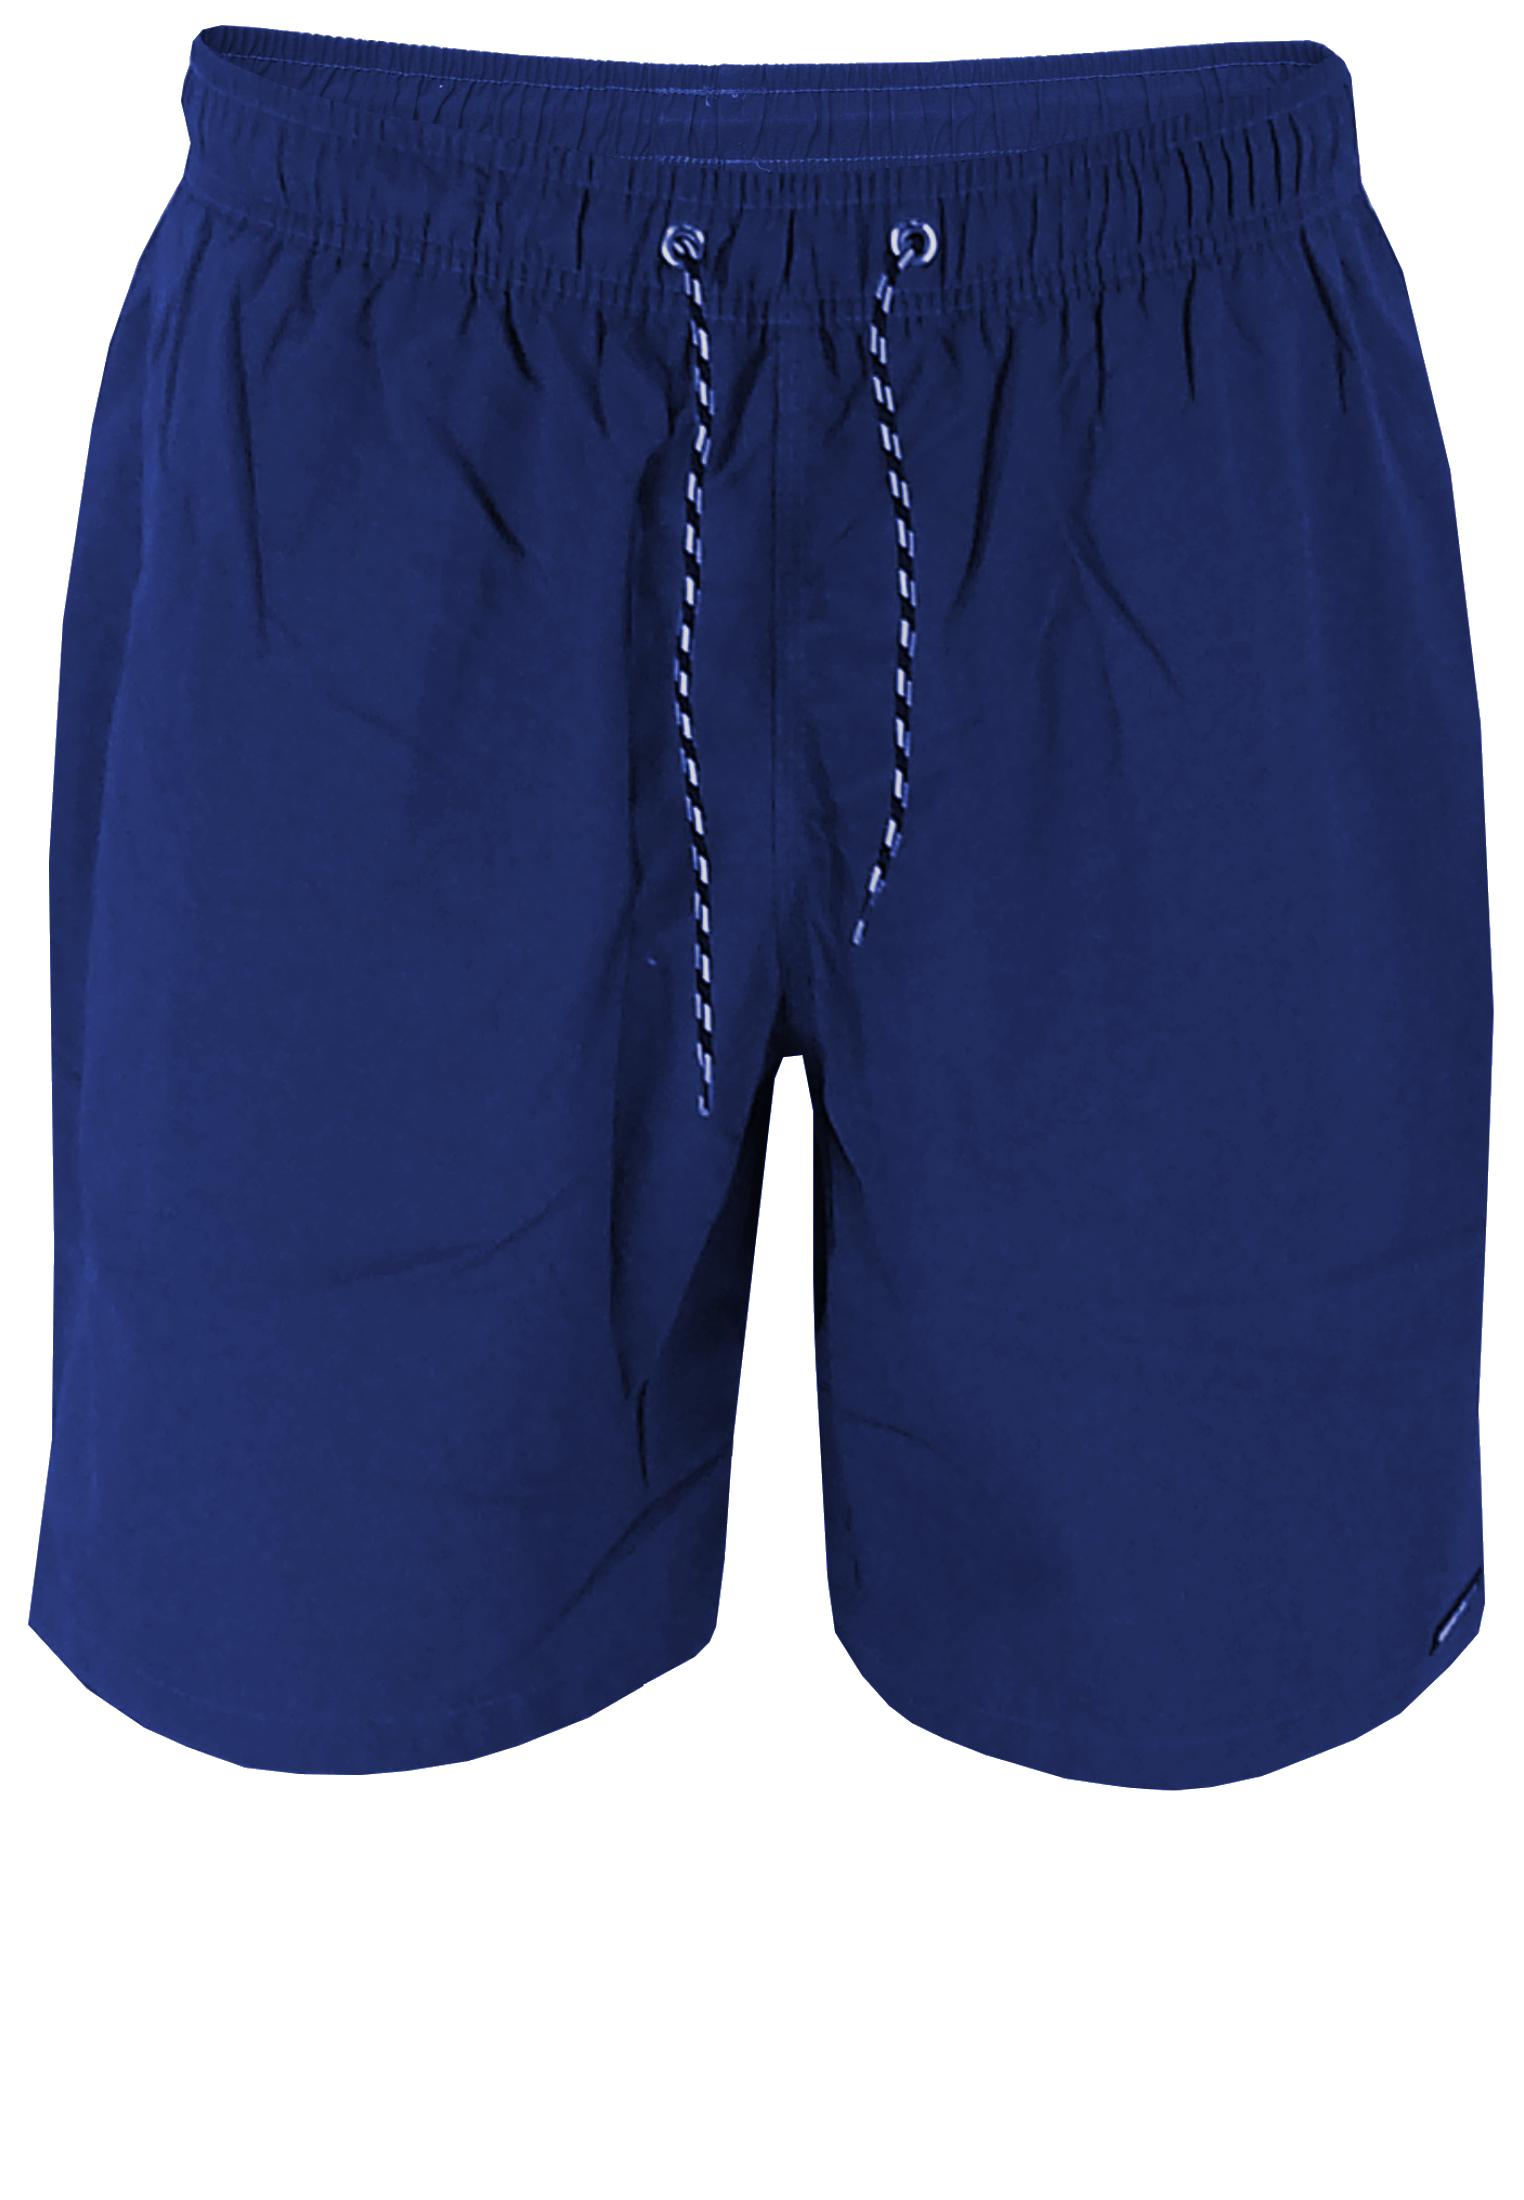 Greyes zwembroek met tunnelkoord in de elastische tailleband en praktische zak met klittenbandsluiting achter en 2 steekzakken opzij. Binnenslip van netmateriaal.